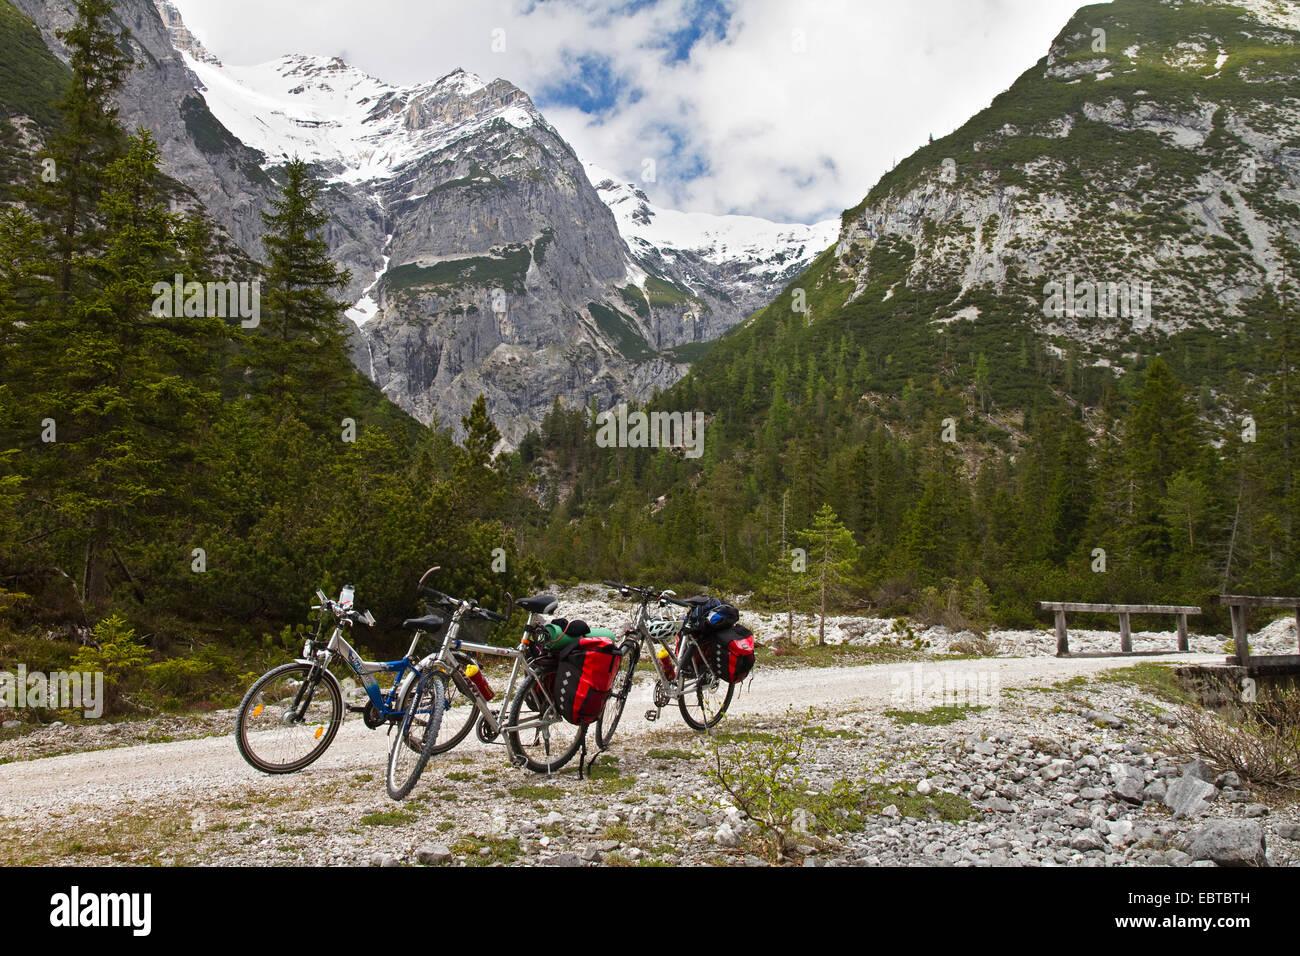 bicycles at Isar biking trail, Austria, Tyrol, Karwendel Mountains, Hinterautal - Stock Image